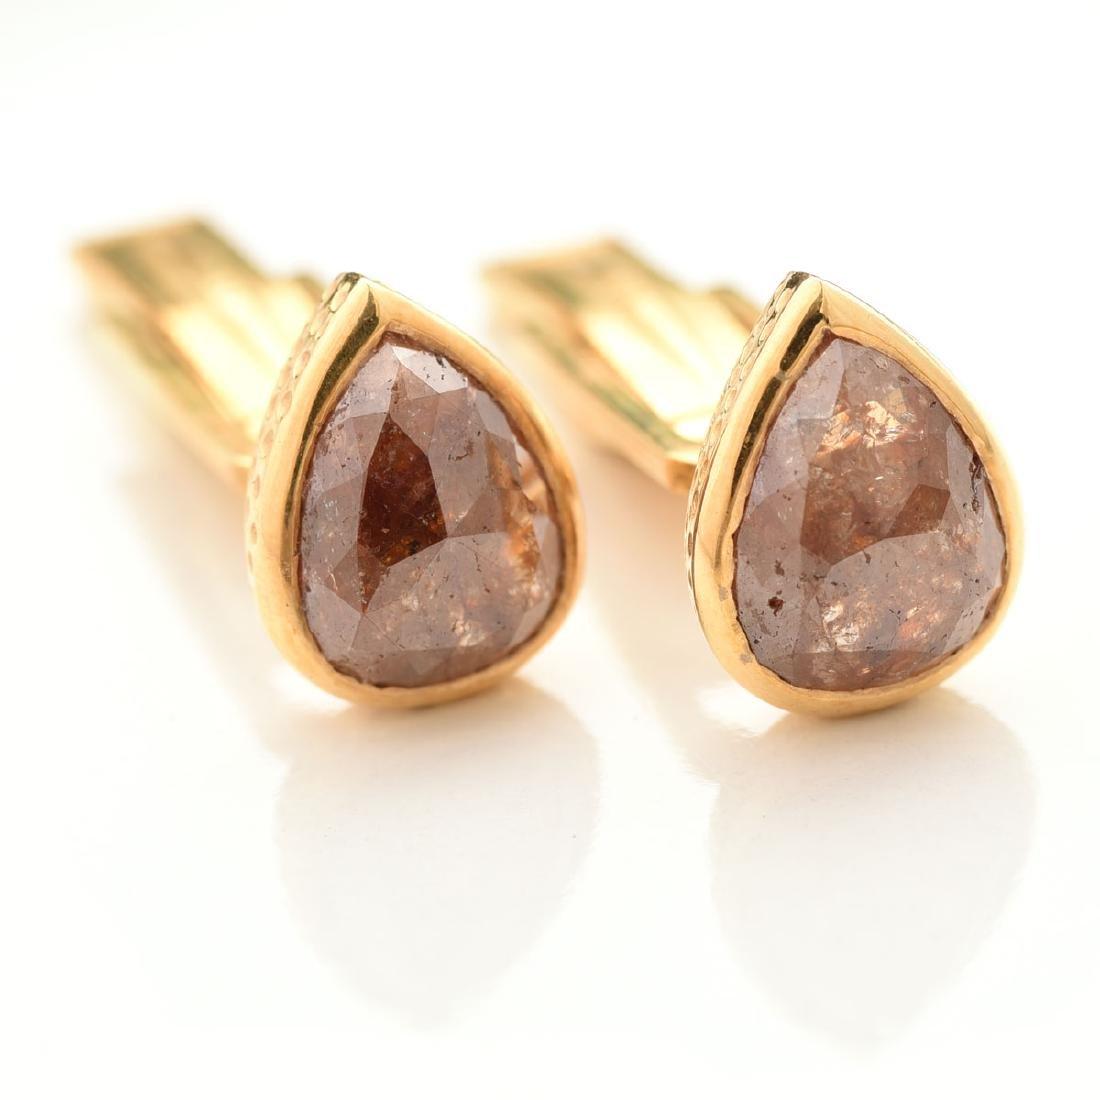 Pair of Diamond, 18k Yellow Gold Cufflinks.